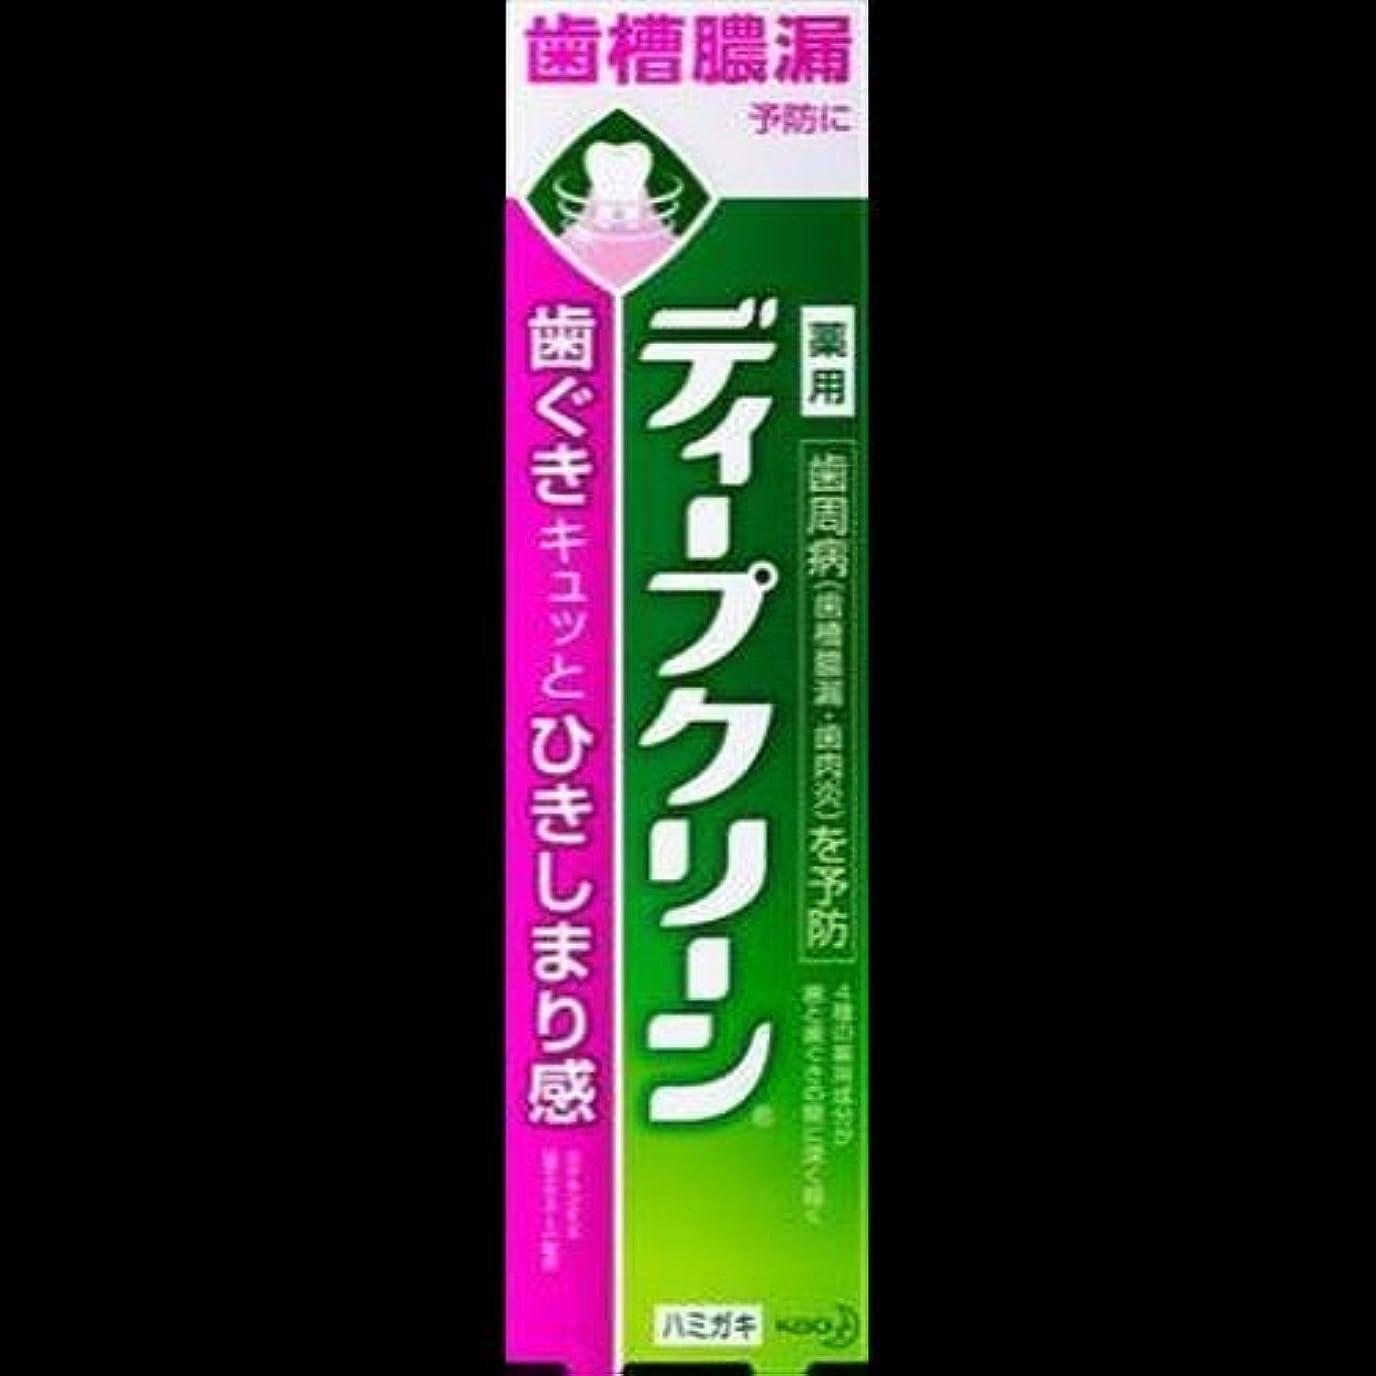 自殺埋める不十分【まとめ買い】ディープクリーン 薬用ハミガキ 100g ×2セット